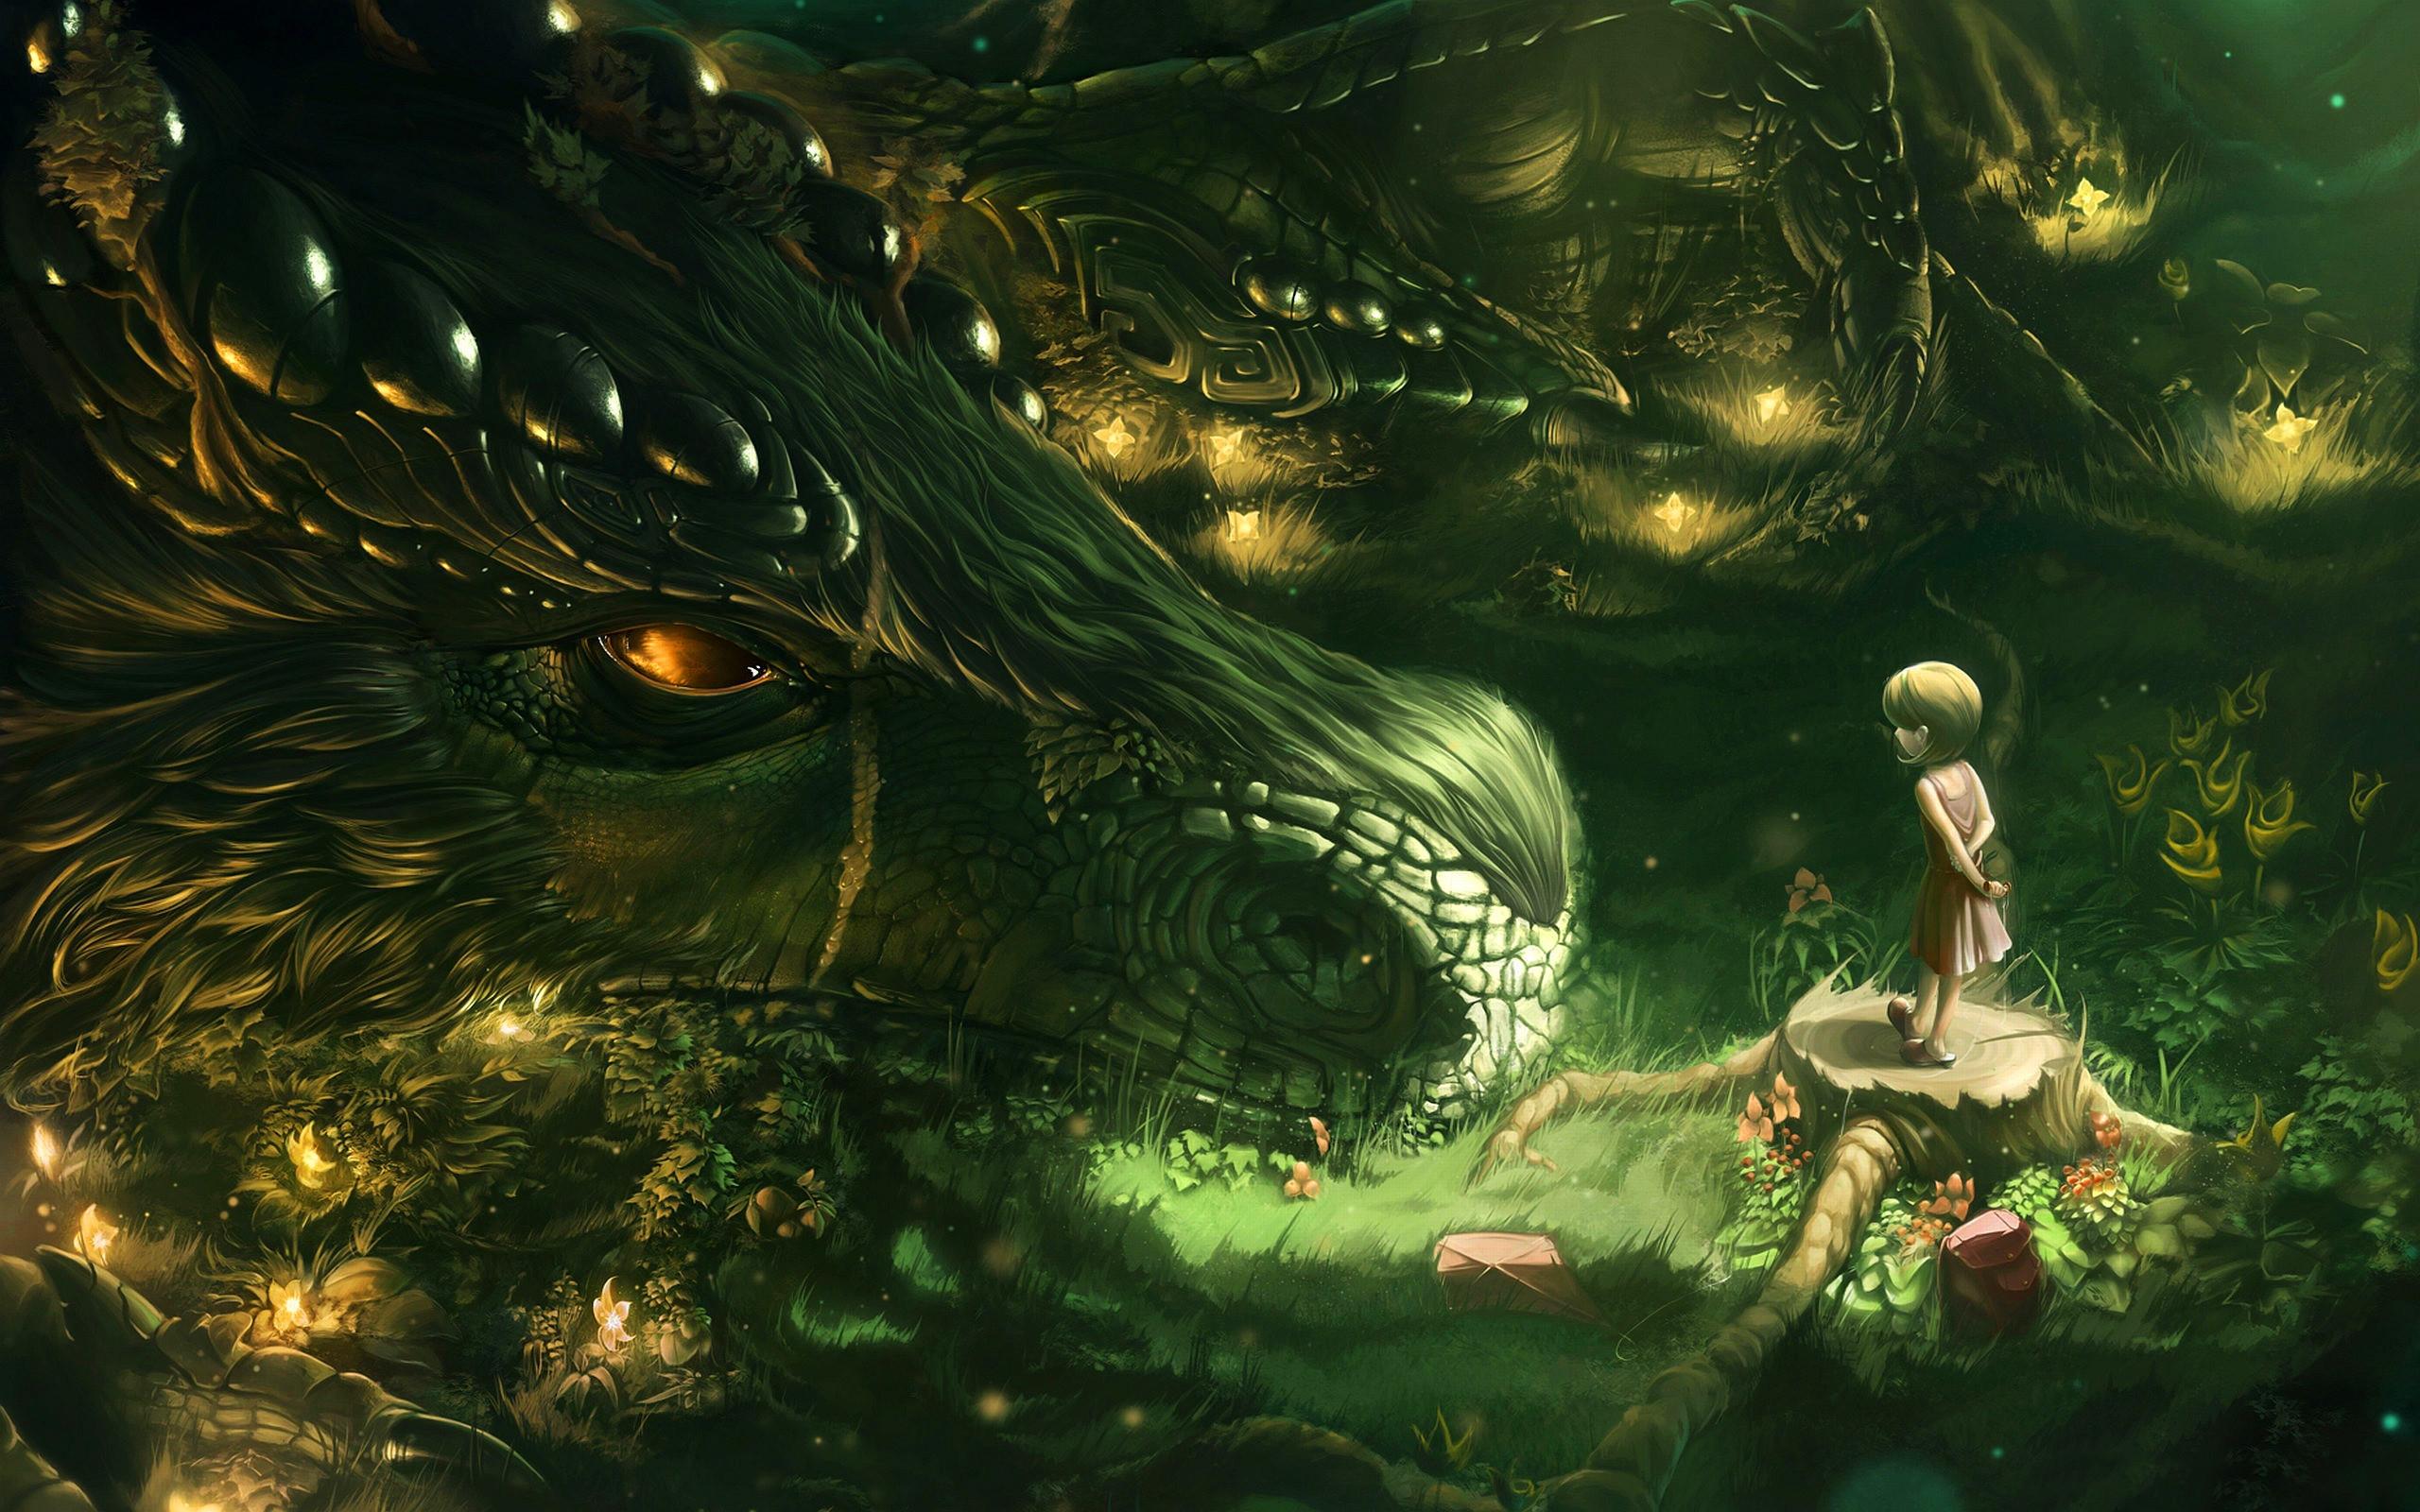 Hình nền rồng thiên nhiên